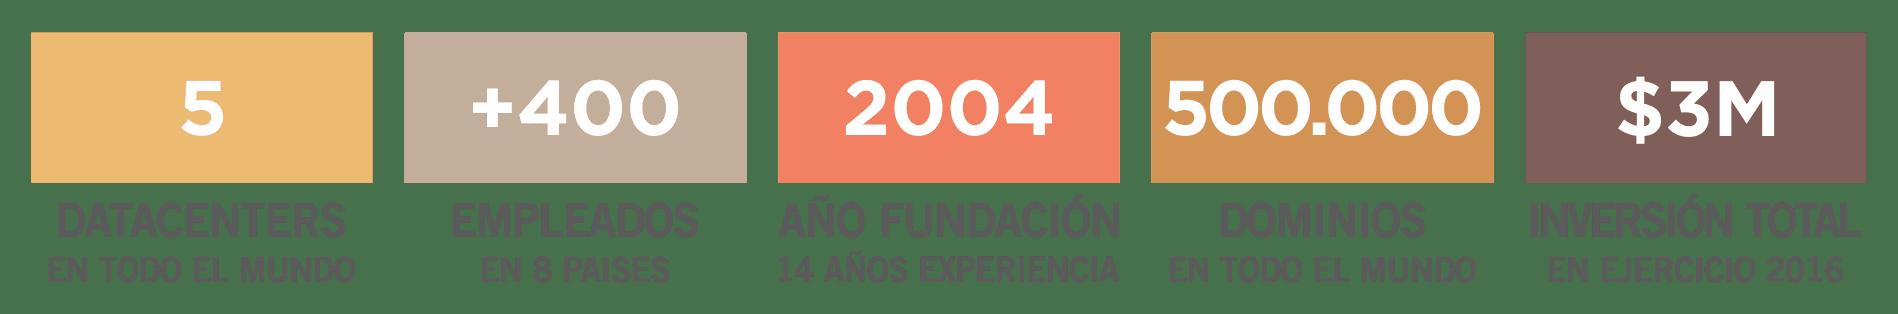 El negocio de Siteground en cifras